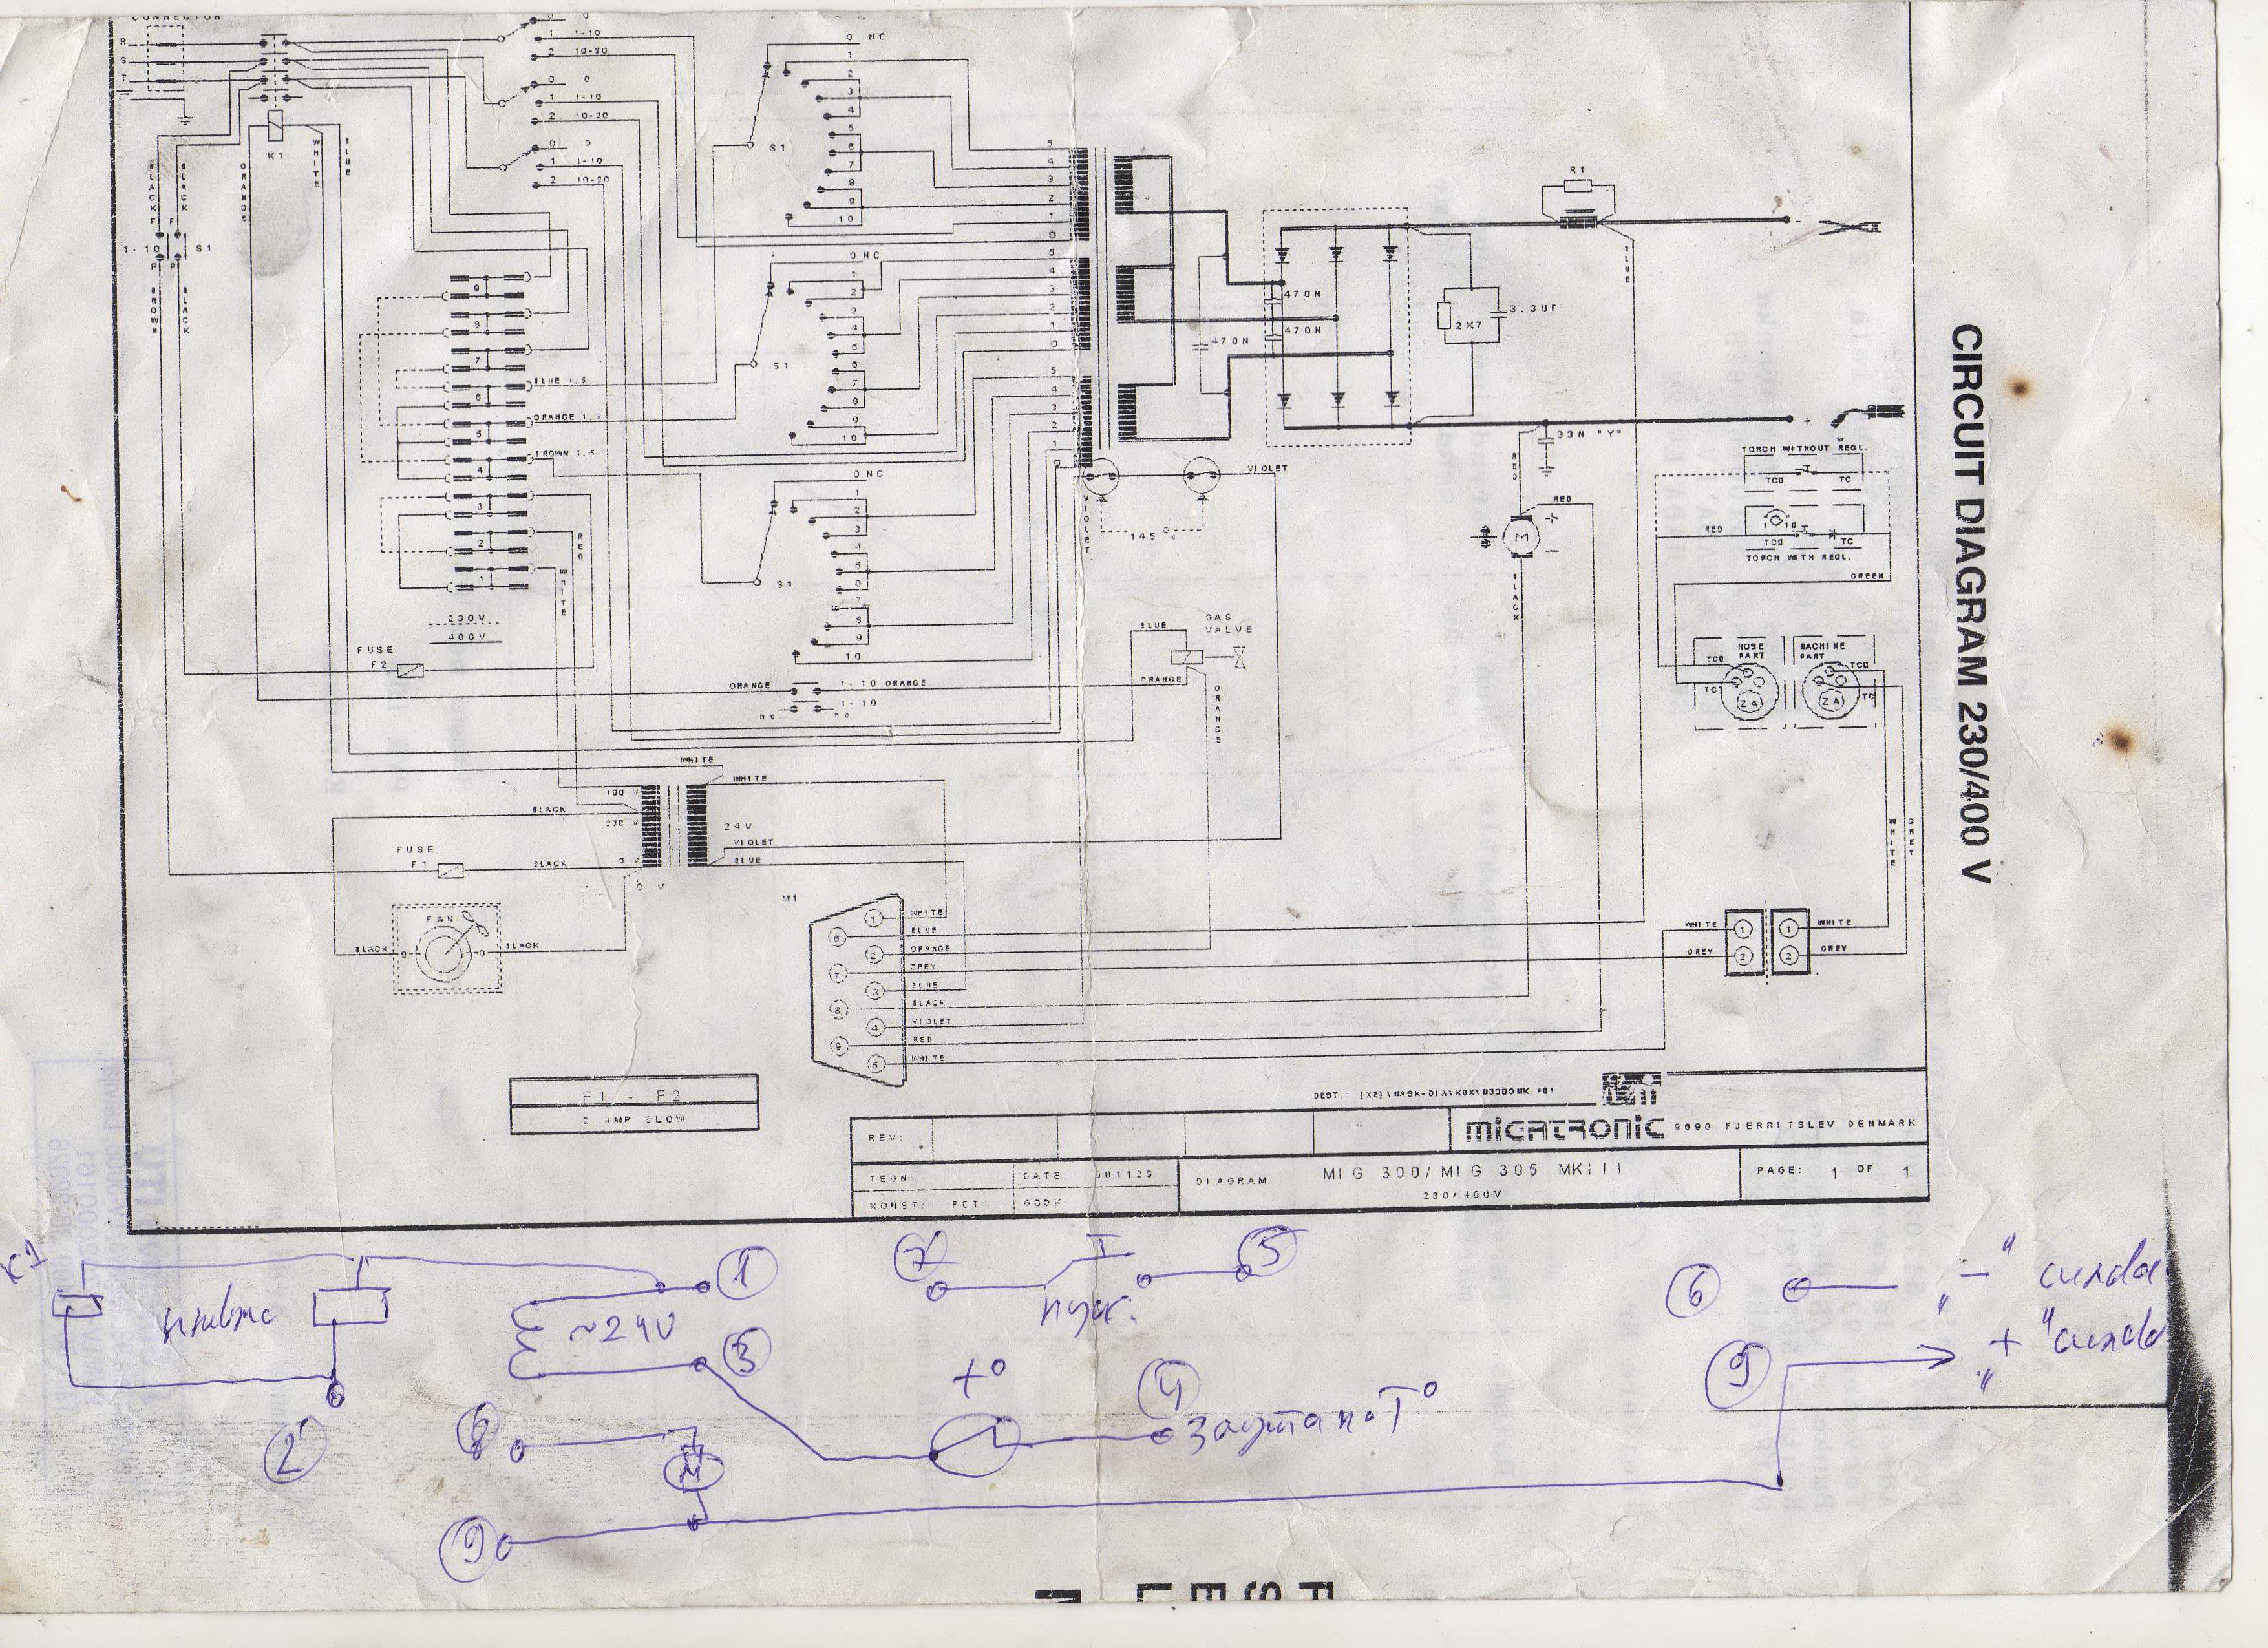 Аппарат сварочный терминатор схема фото 336